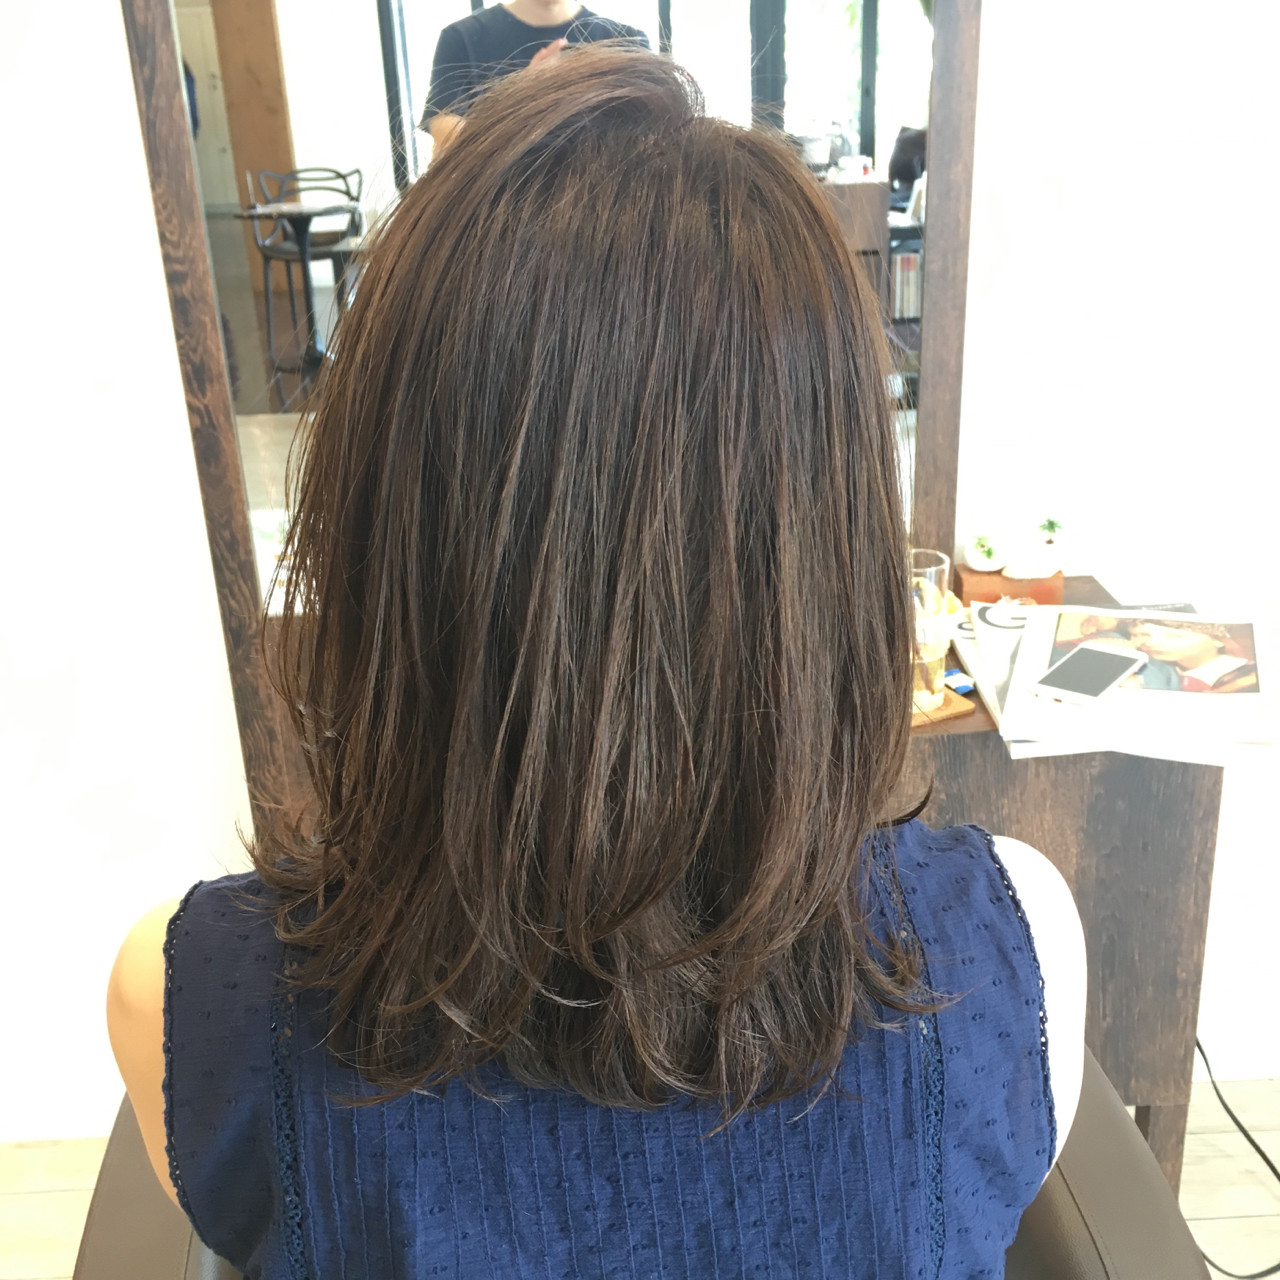 ナチュラル 暗髪 オフィス ウェットヘア ヘアスタイルや髪型の写真・画像 | 岩切陽平 / Hair&Beauty AURA